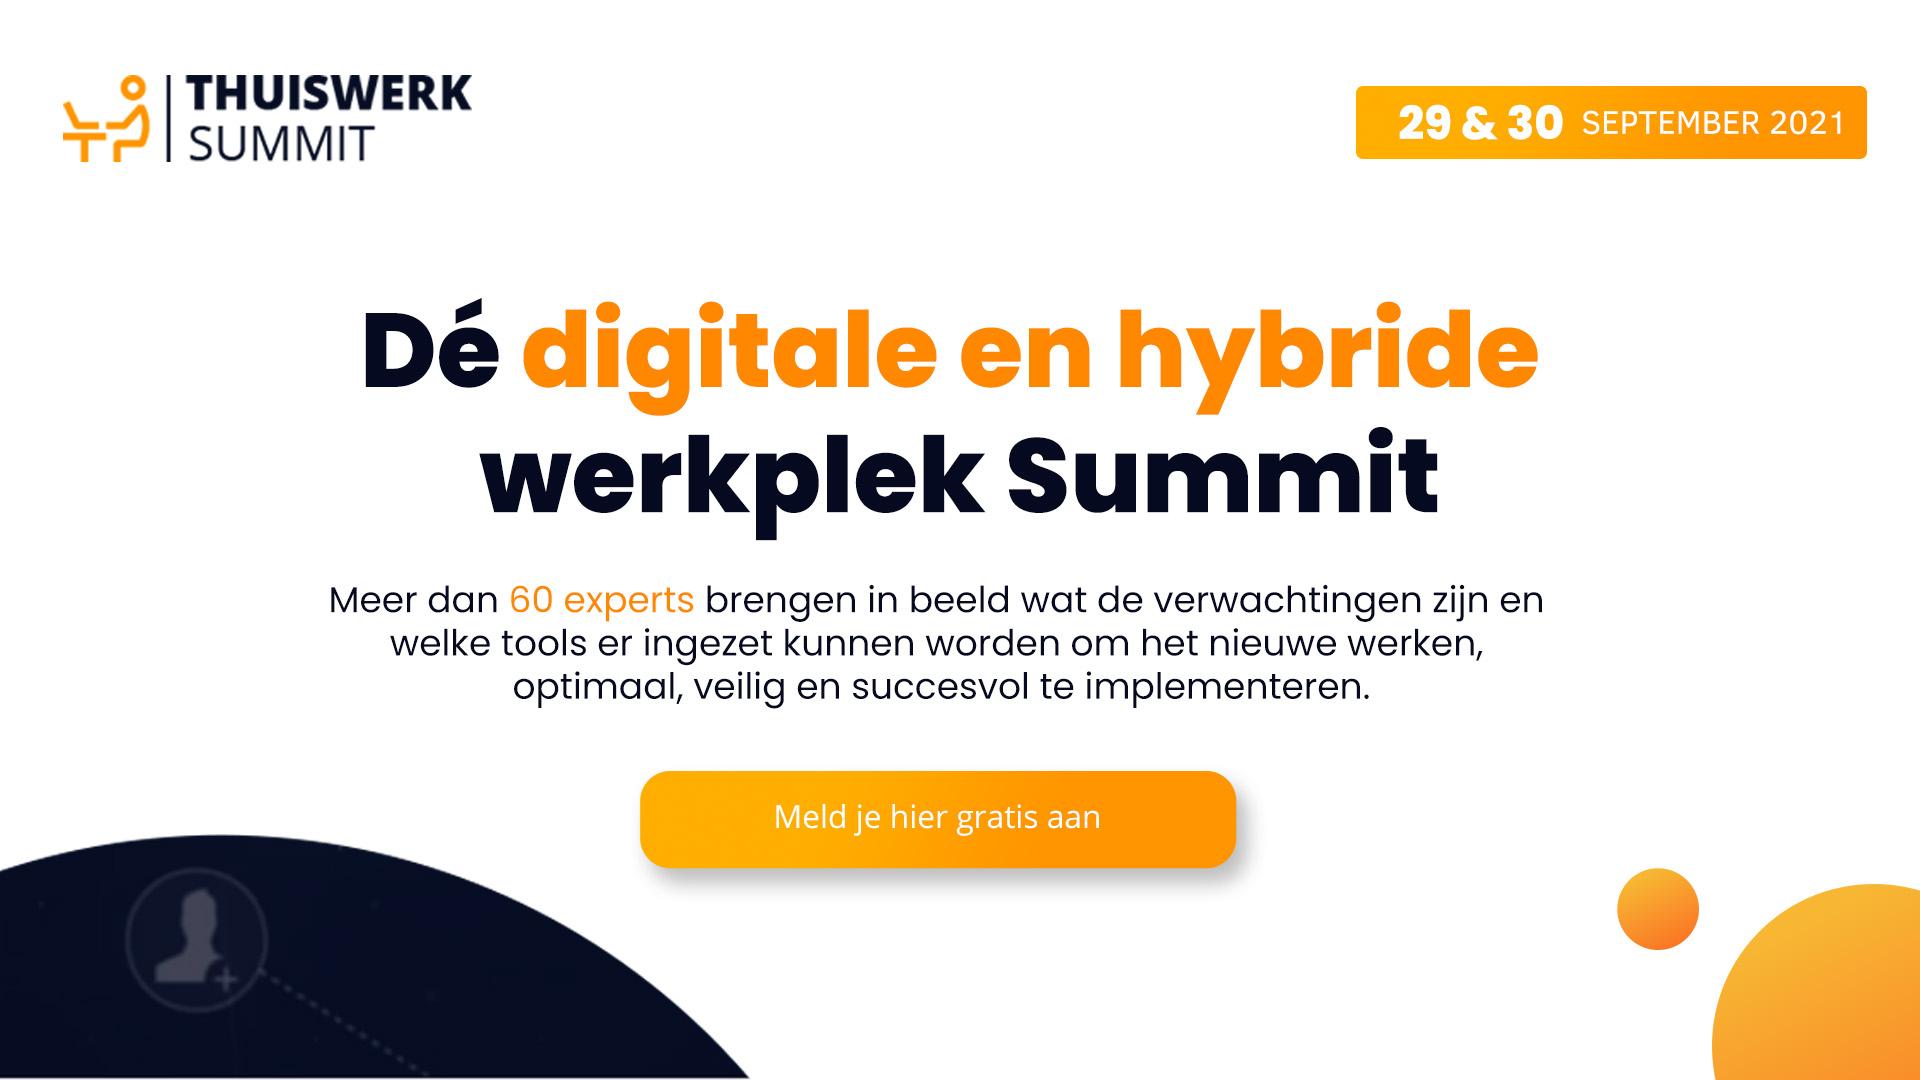 Thuiswerk Summit